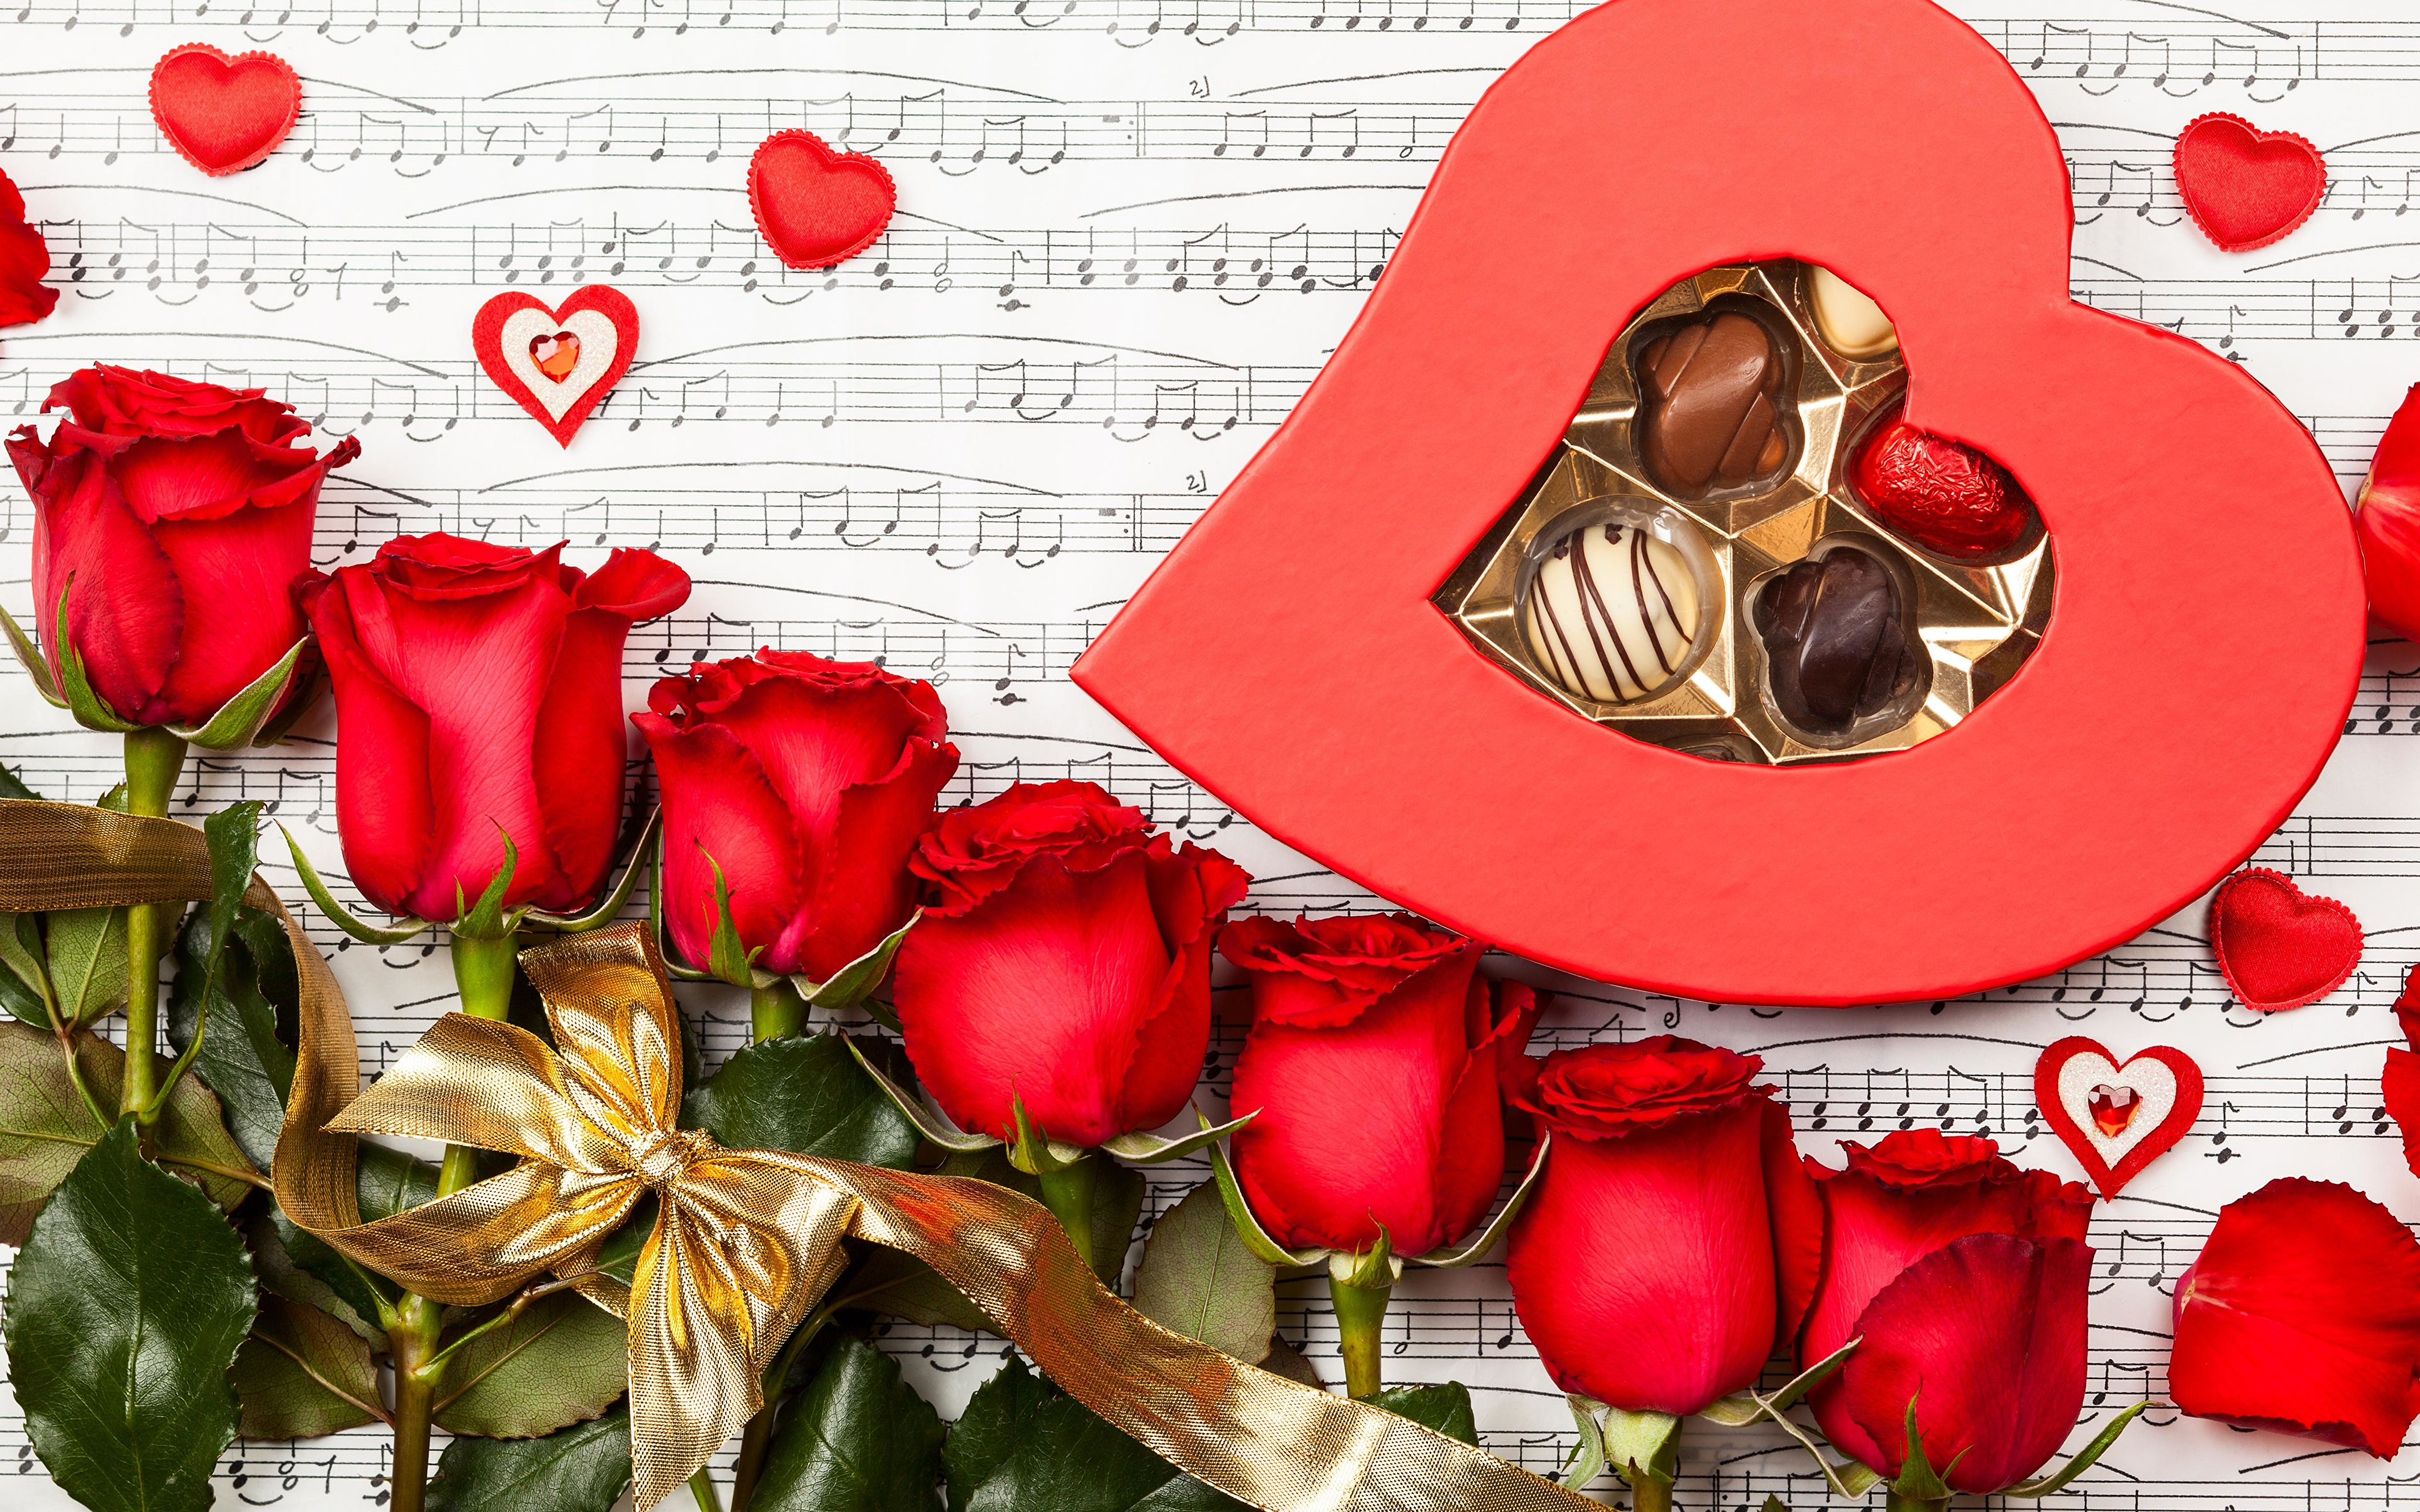 Музыкальные поздравления к святому валентину